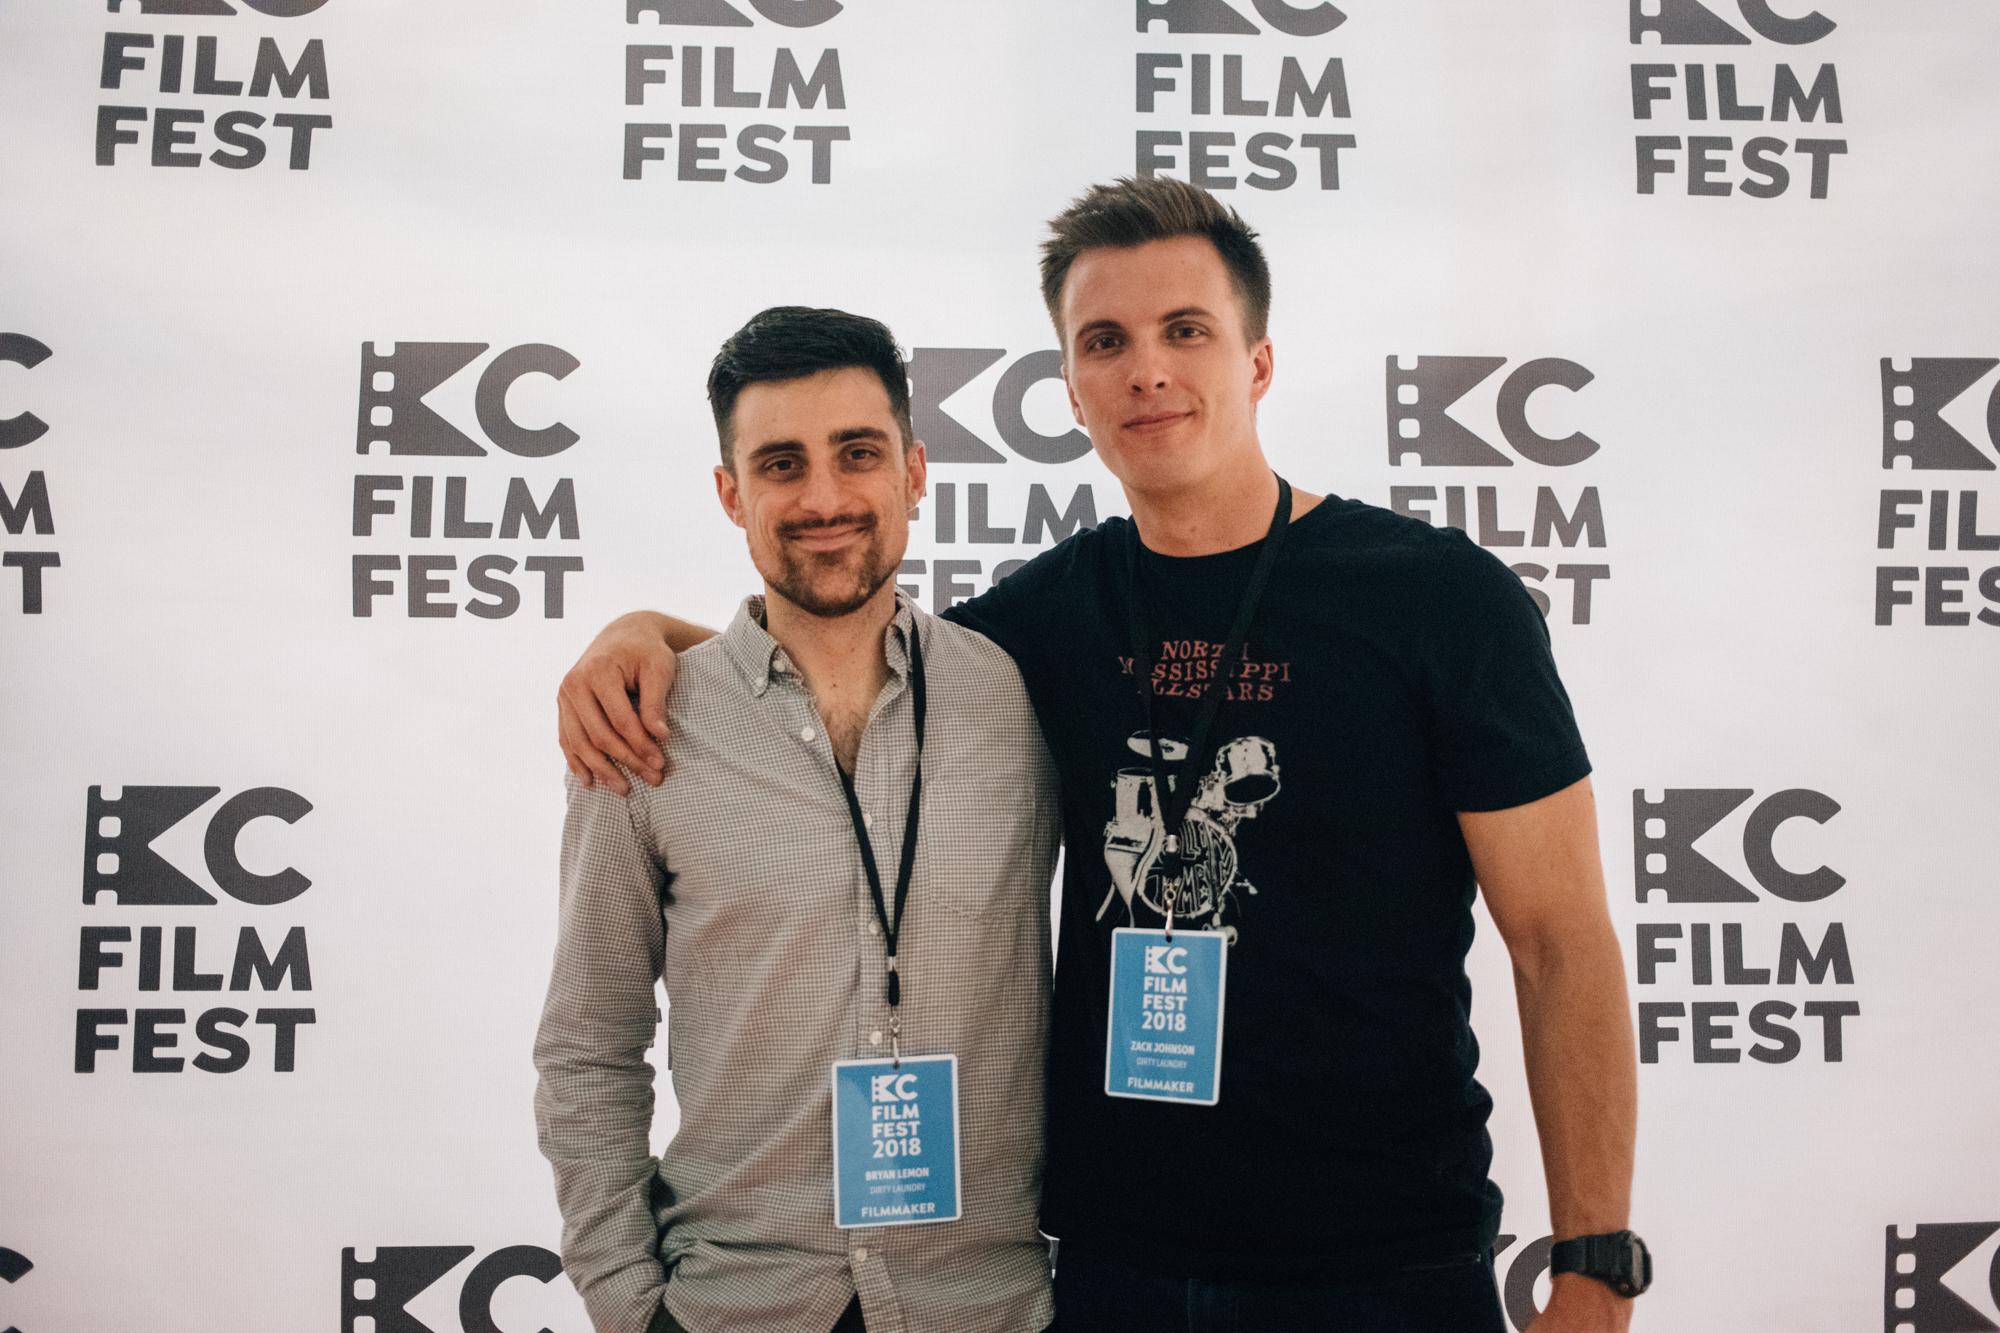 2018.04.14_ kc film fest _lemon-15.jpg